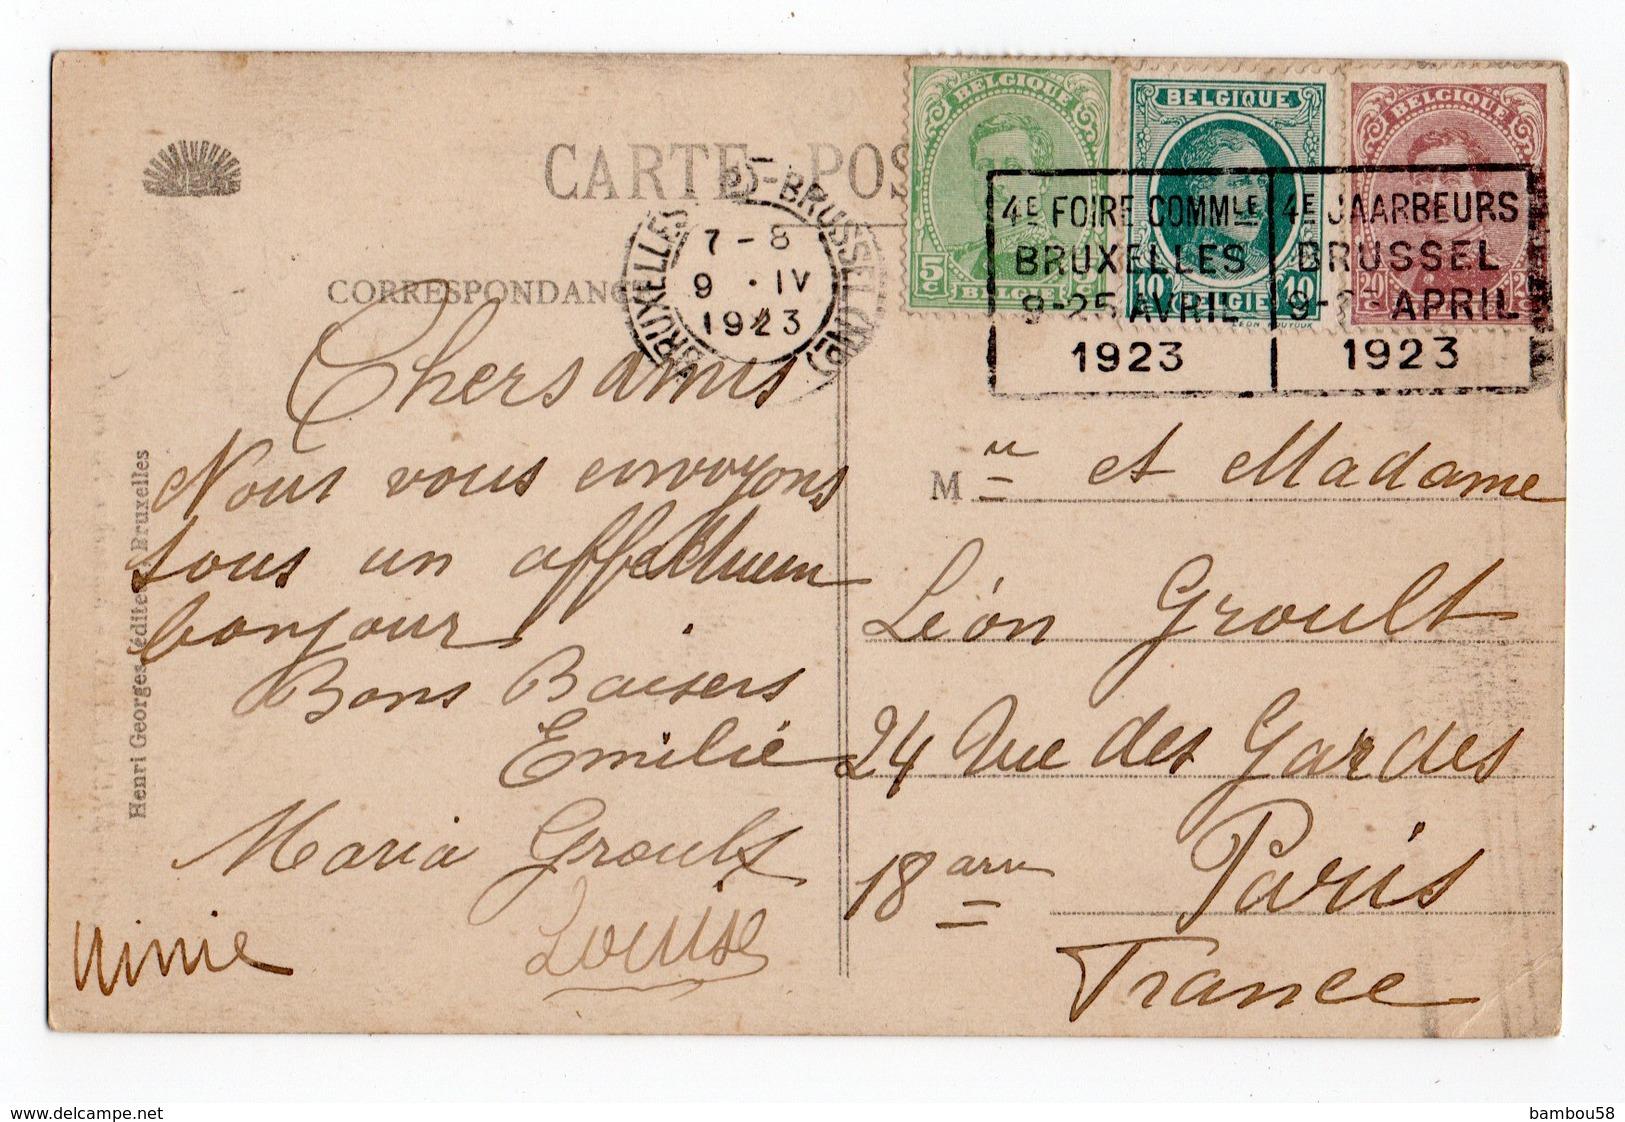 BELGIQUE * BRUXELLES * FOIRE COMMUNALE * AVRIL 1923 * JAARBEURS * MANNEKEN-PIS * En Jass - Feesten En Evenementen